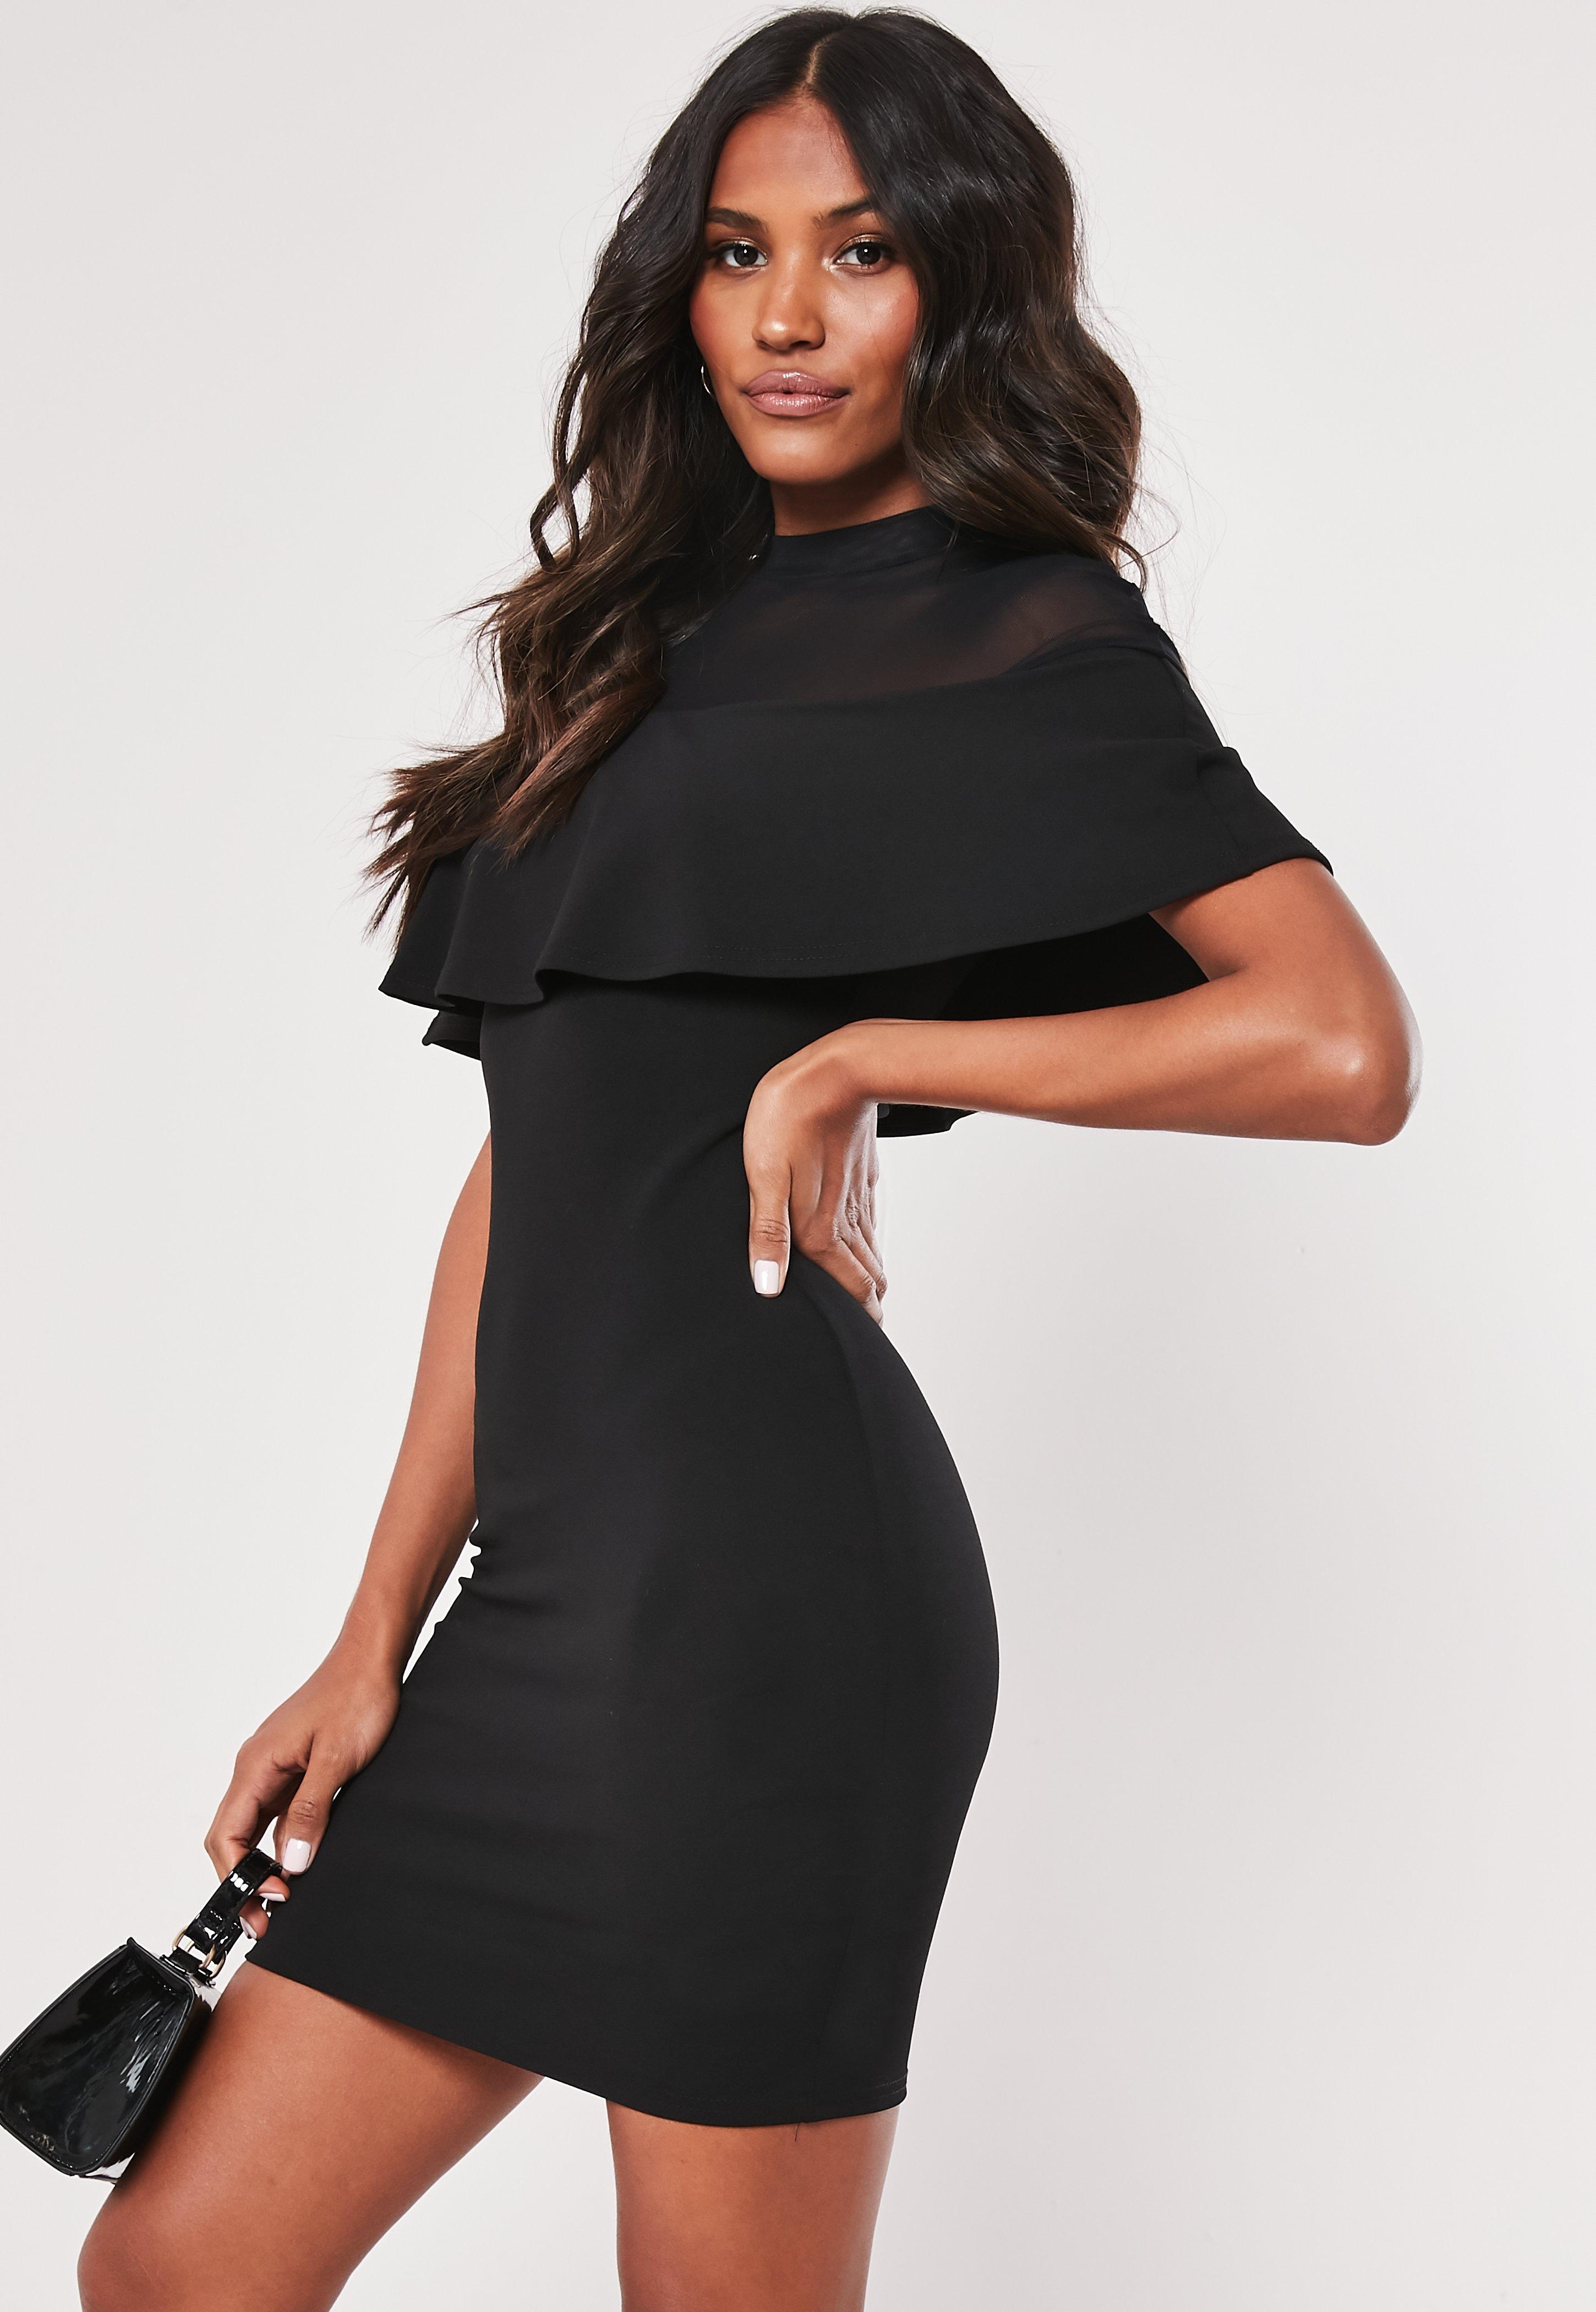 d3fb5b9640 Evening Dresses